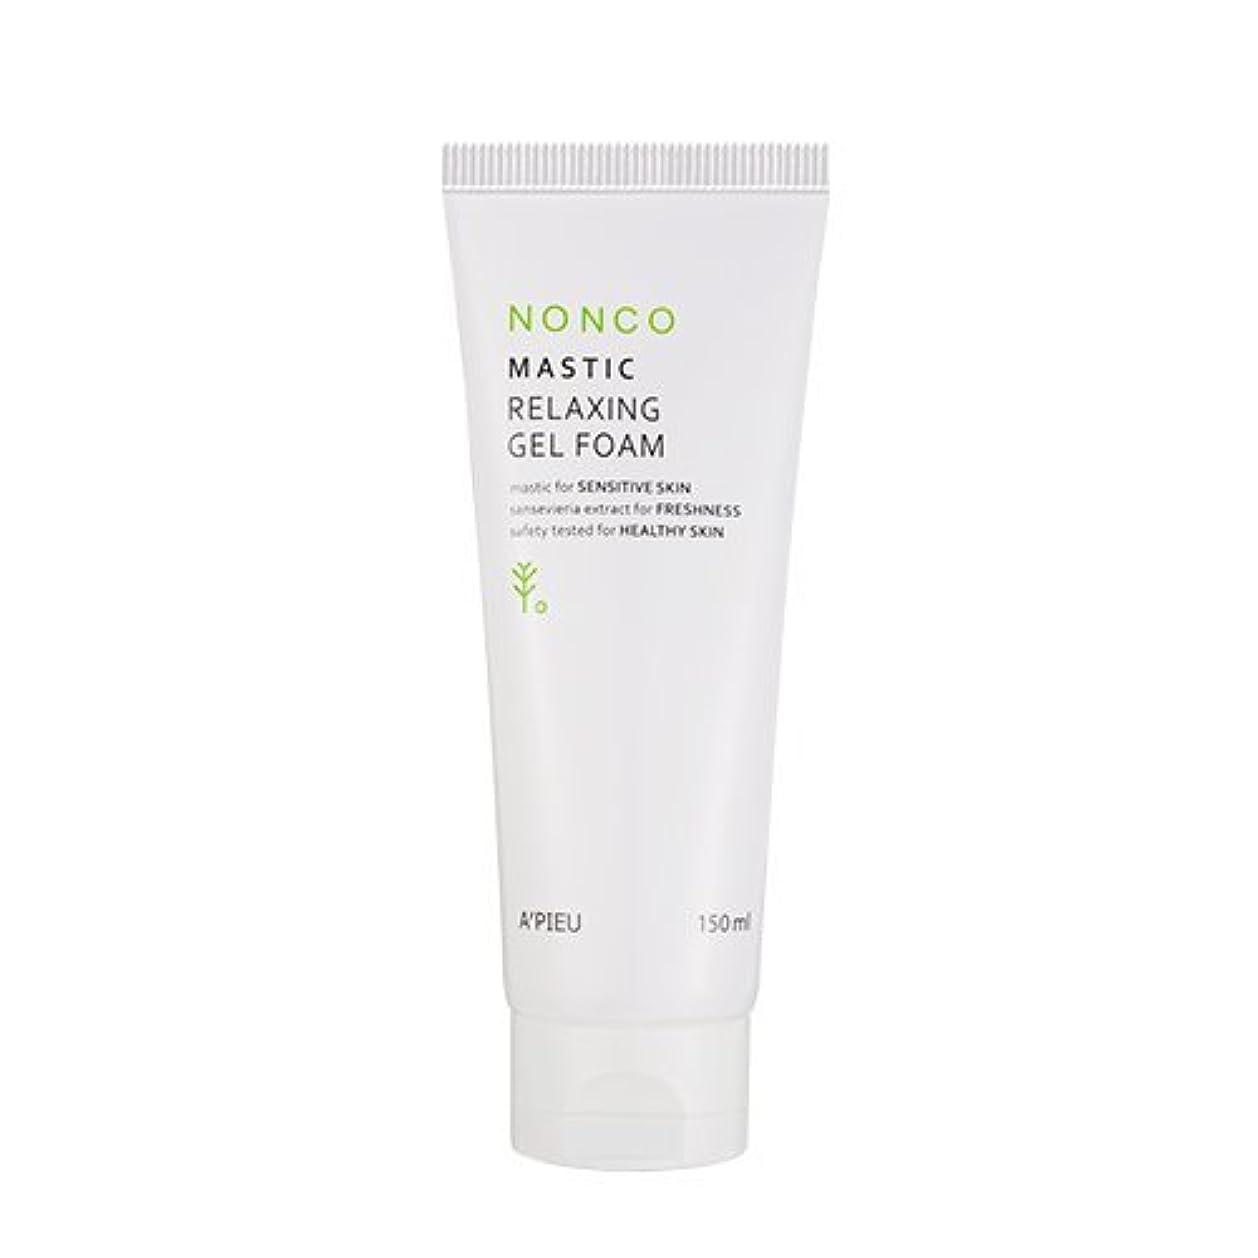 アパート好奇心高揚したApieu NanCo Mastic Relaxing Gel Foam 150ml [アピュ/オピュ] NonCo マスチック弱酸性ゲルフォーム 150ml [並行輸入品]